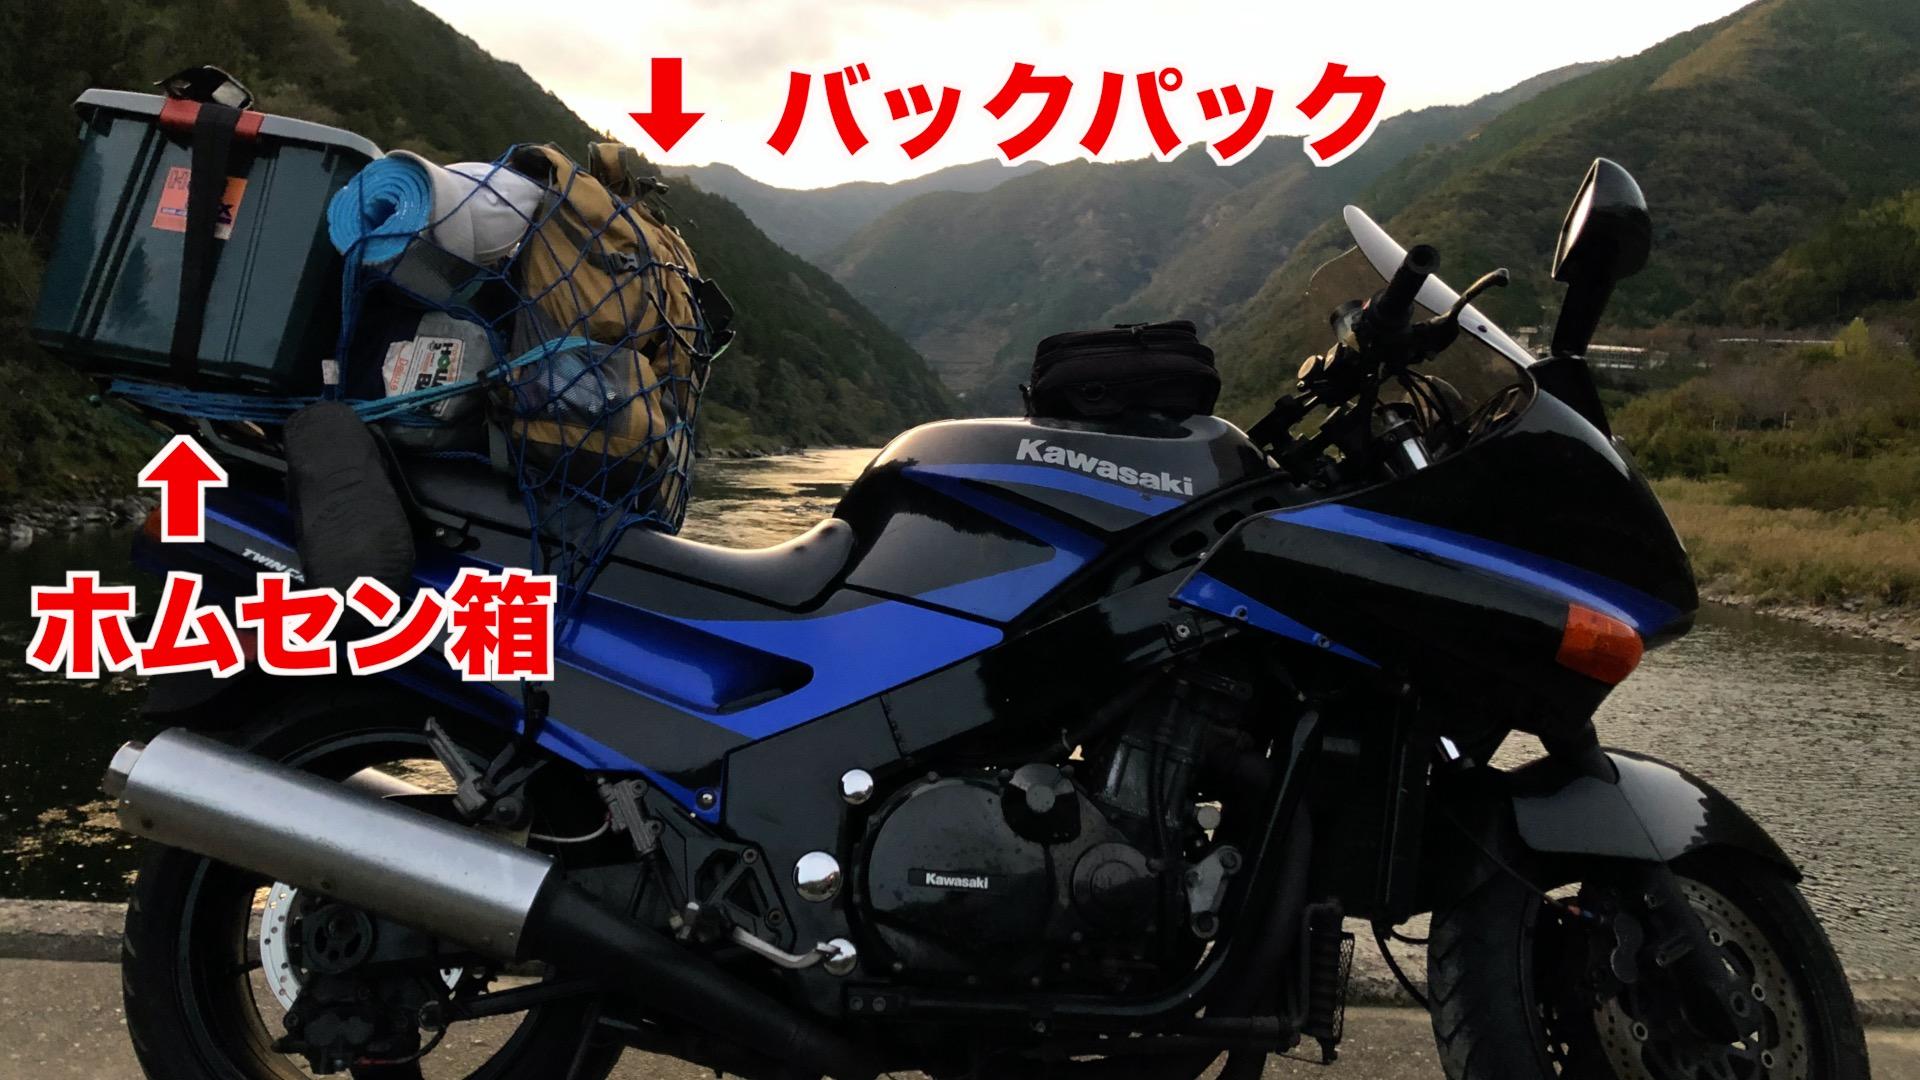 日本一周バイク荷物1